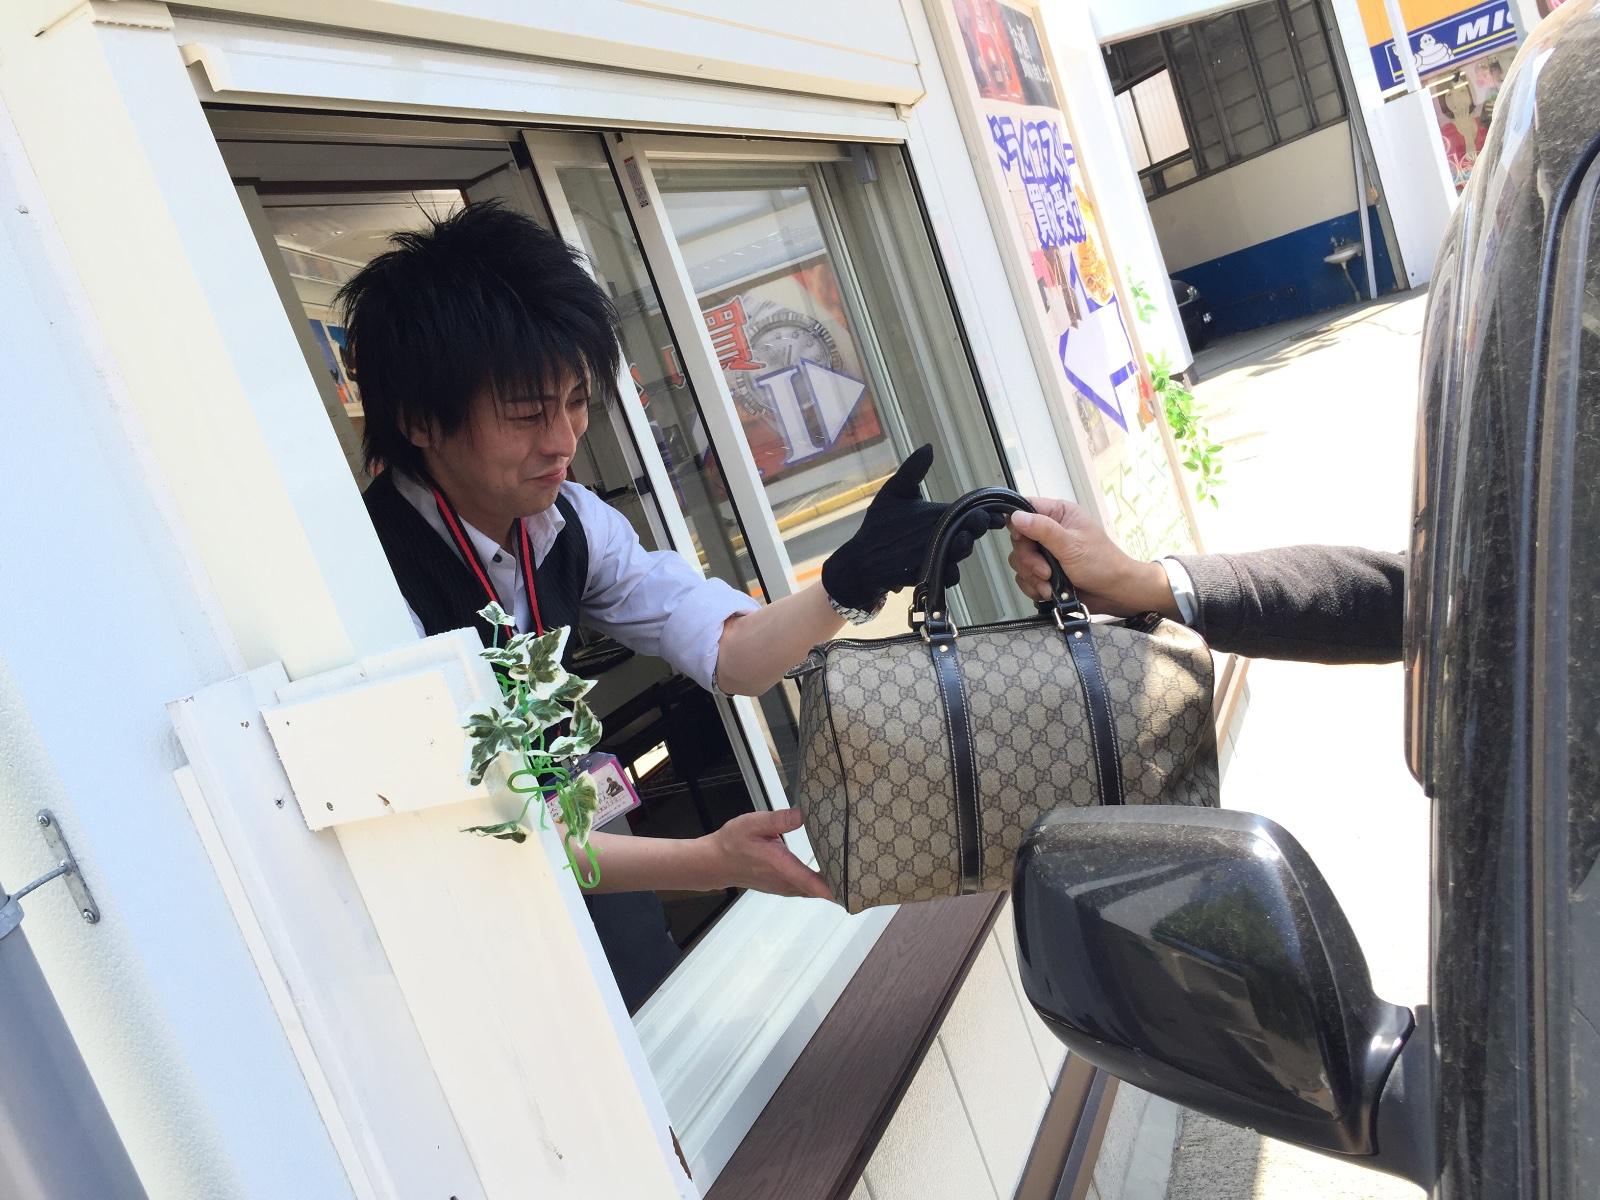 東京発!ドライブスルーで買取ができるリサイクルショップ誕生!!武蔵村山市